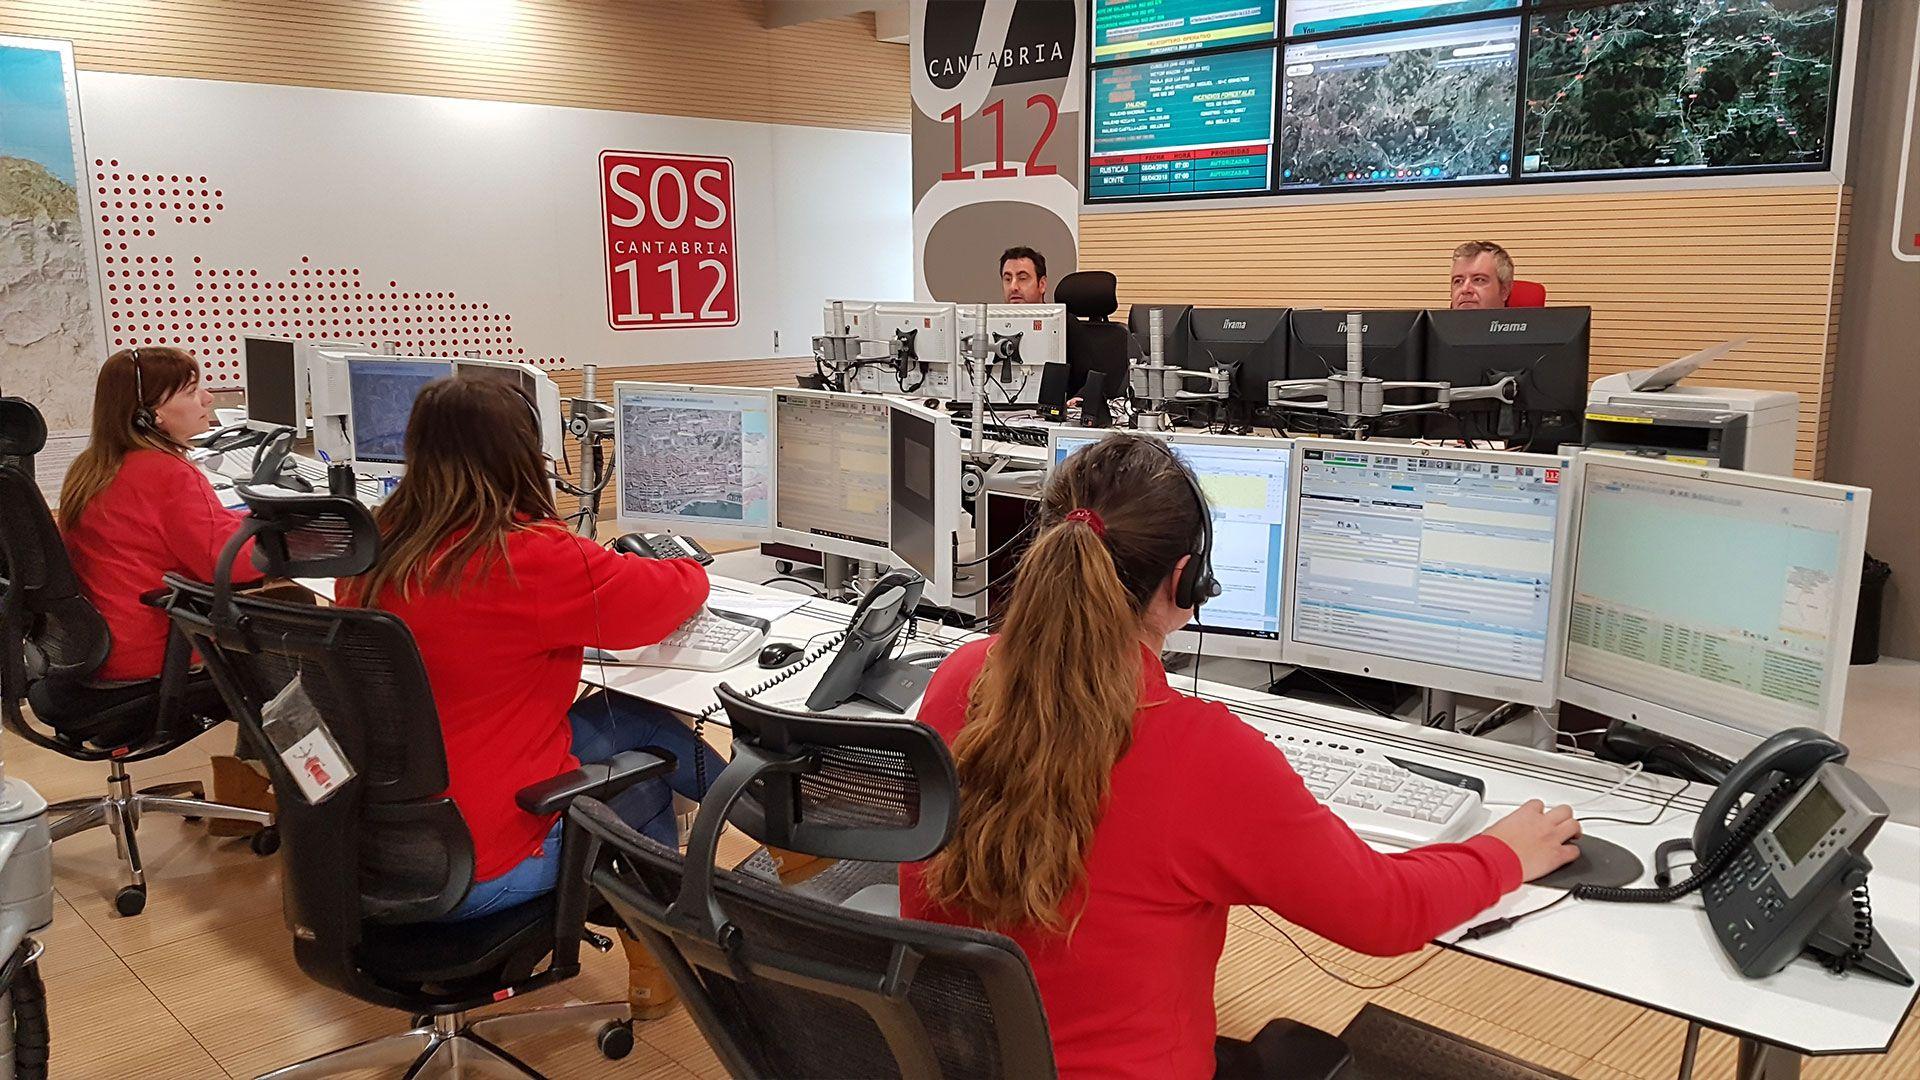 112 centro de emergencias de cantabria contacto